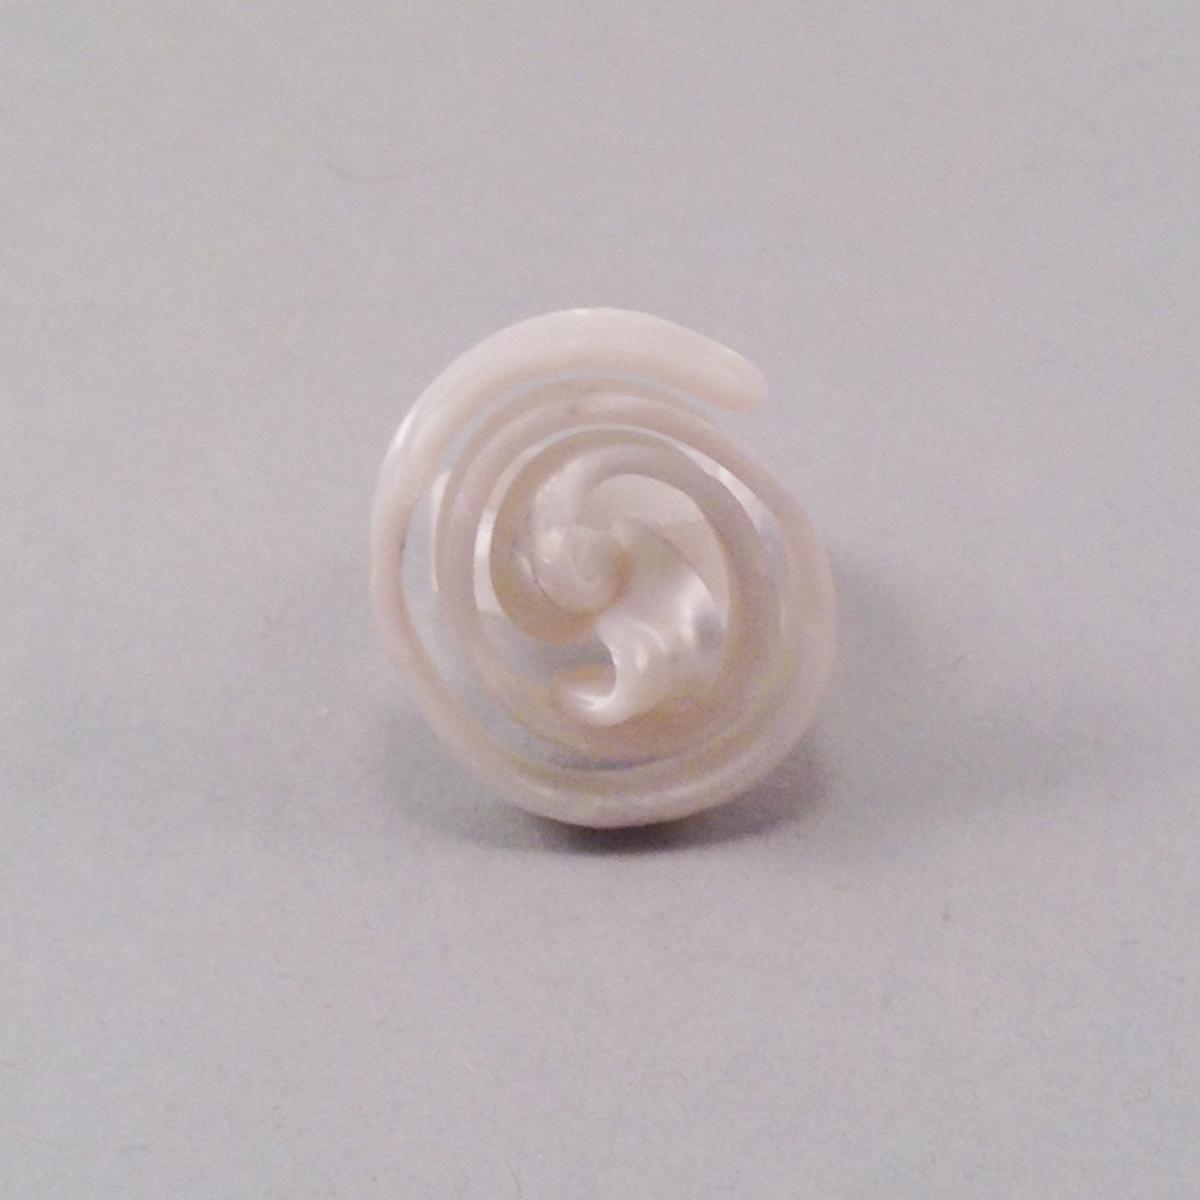 Snailnacre ring